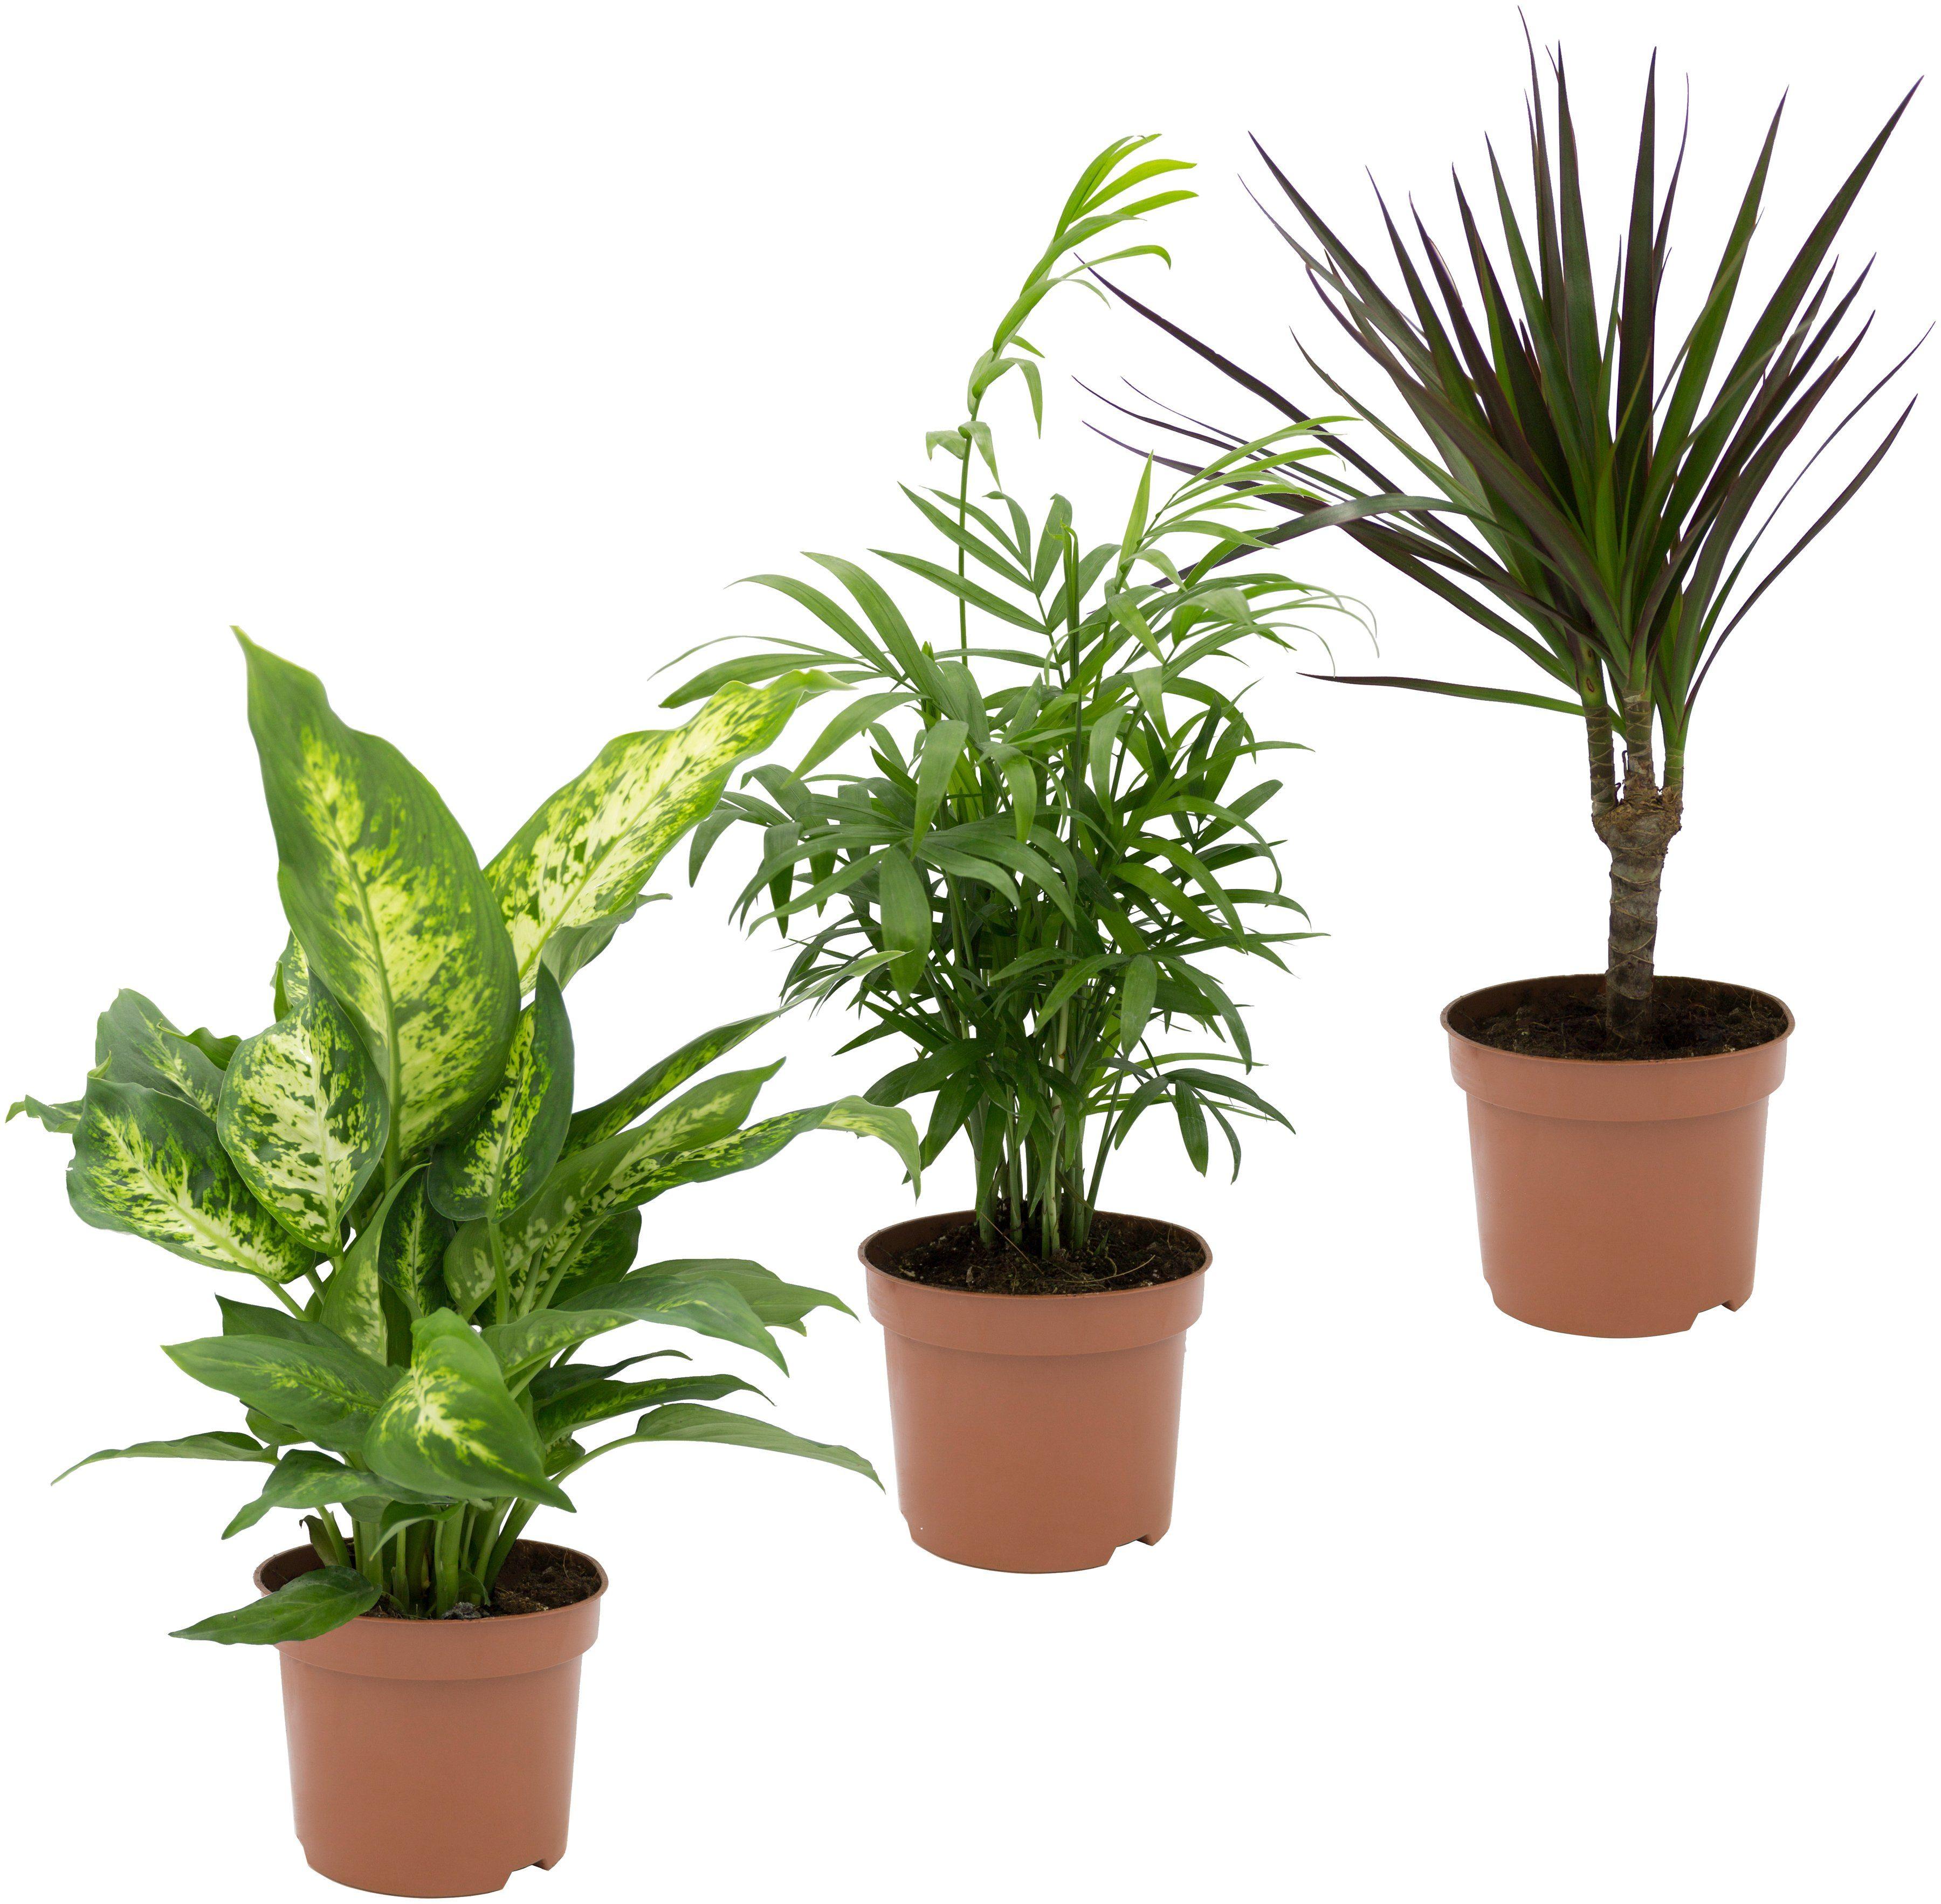 Zimmerpflanze »Grünpflanzen-Set«, Höhe: 30 cm, 3 Pflanzen